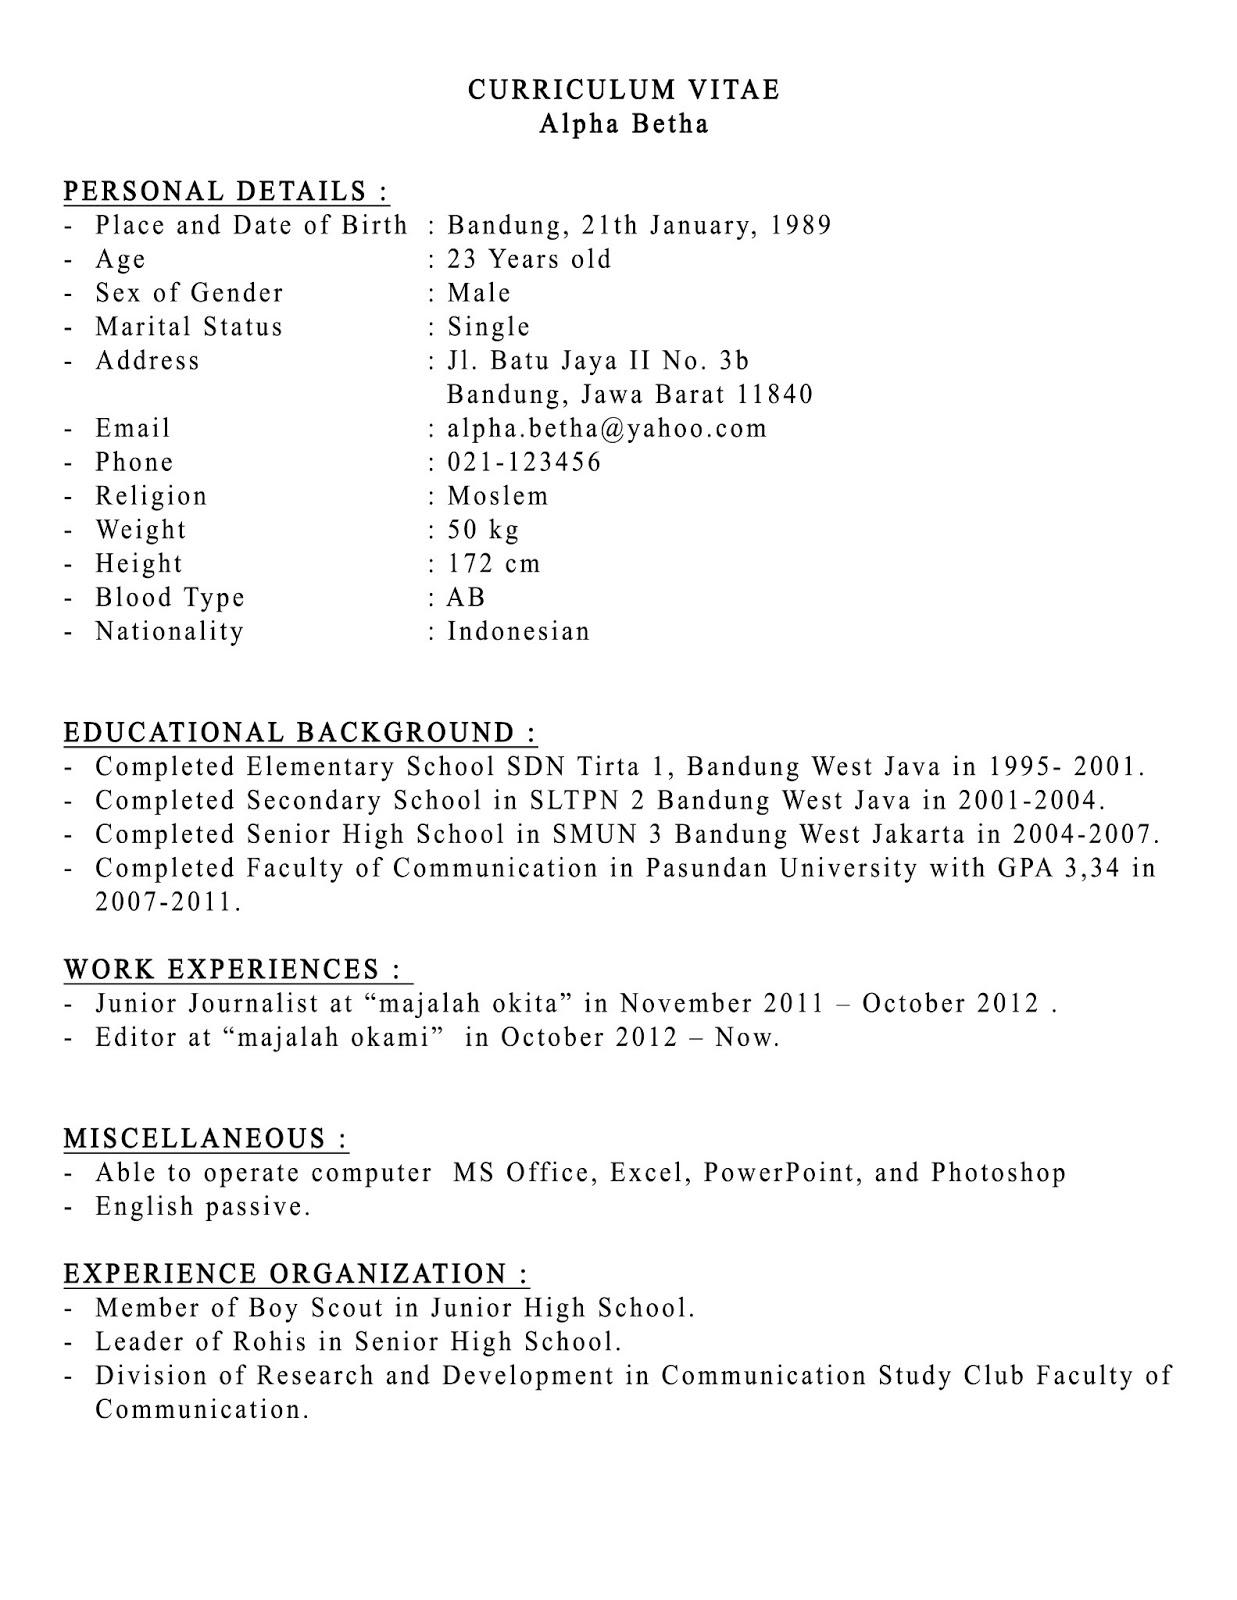 Contoh Curriculum Vitae Cv Dalam Bahasa Indonesia Nemetas